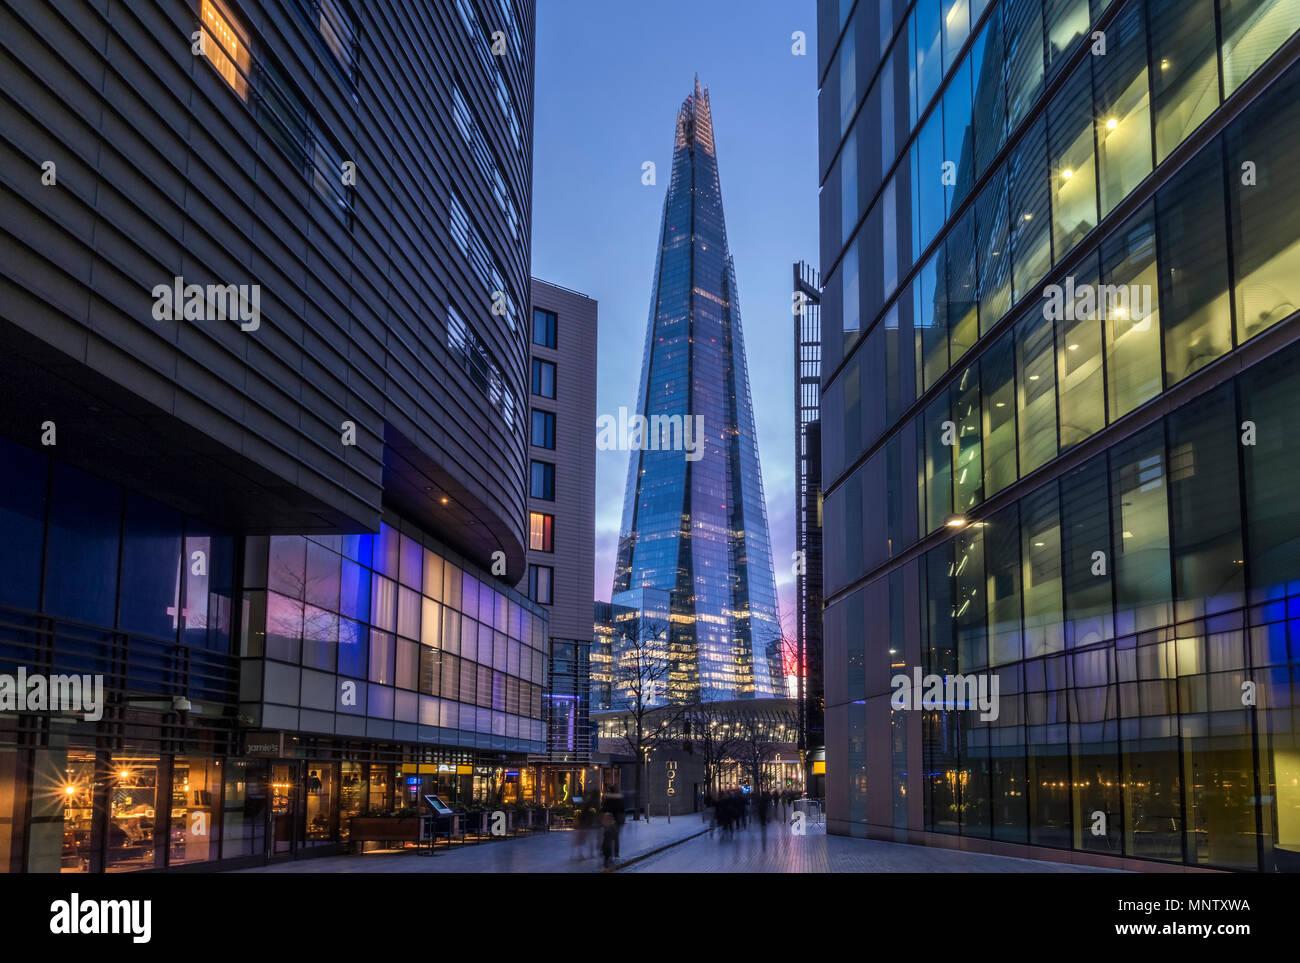 Il grattacielo Shard e uffici moderni blocchi, Southwark, Londra, Inghilterra, Regno Unito Immagini Stock